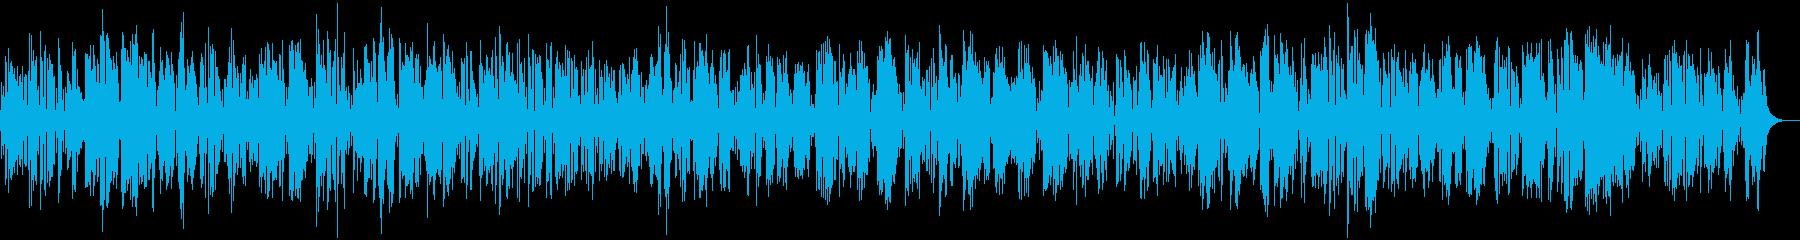 陽気でコミカルなクラリネットジャズバンドの再生済みの波形